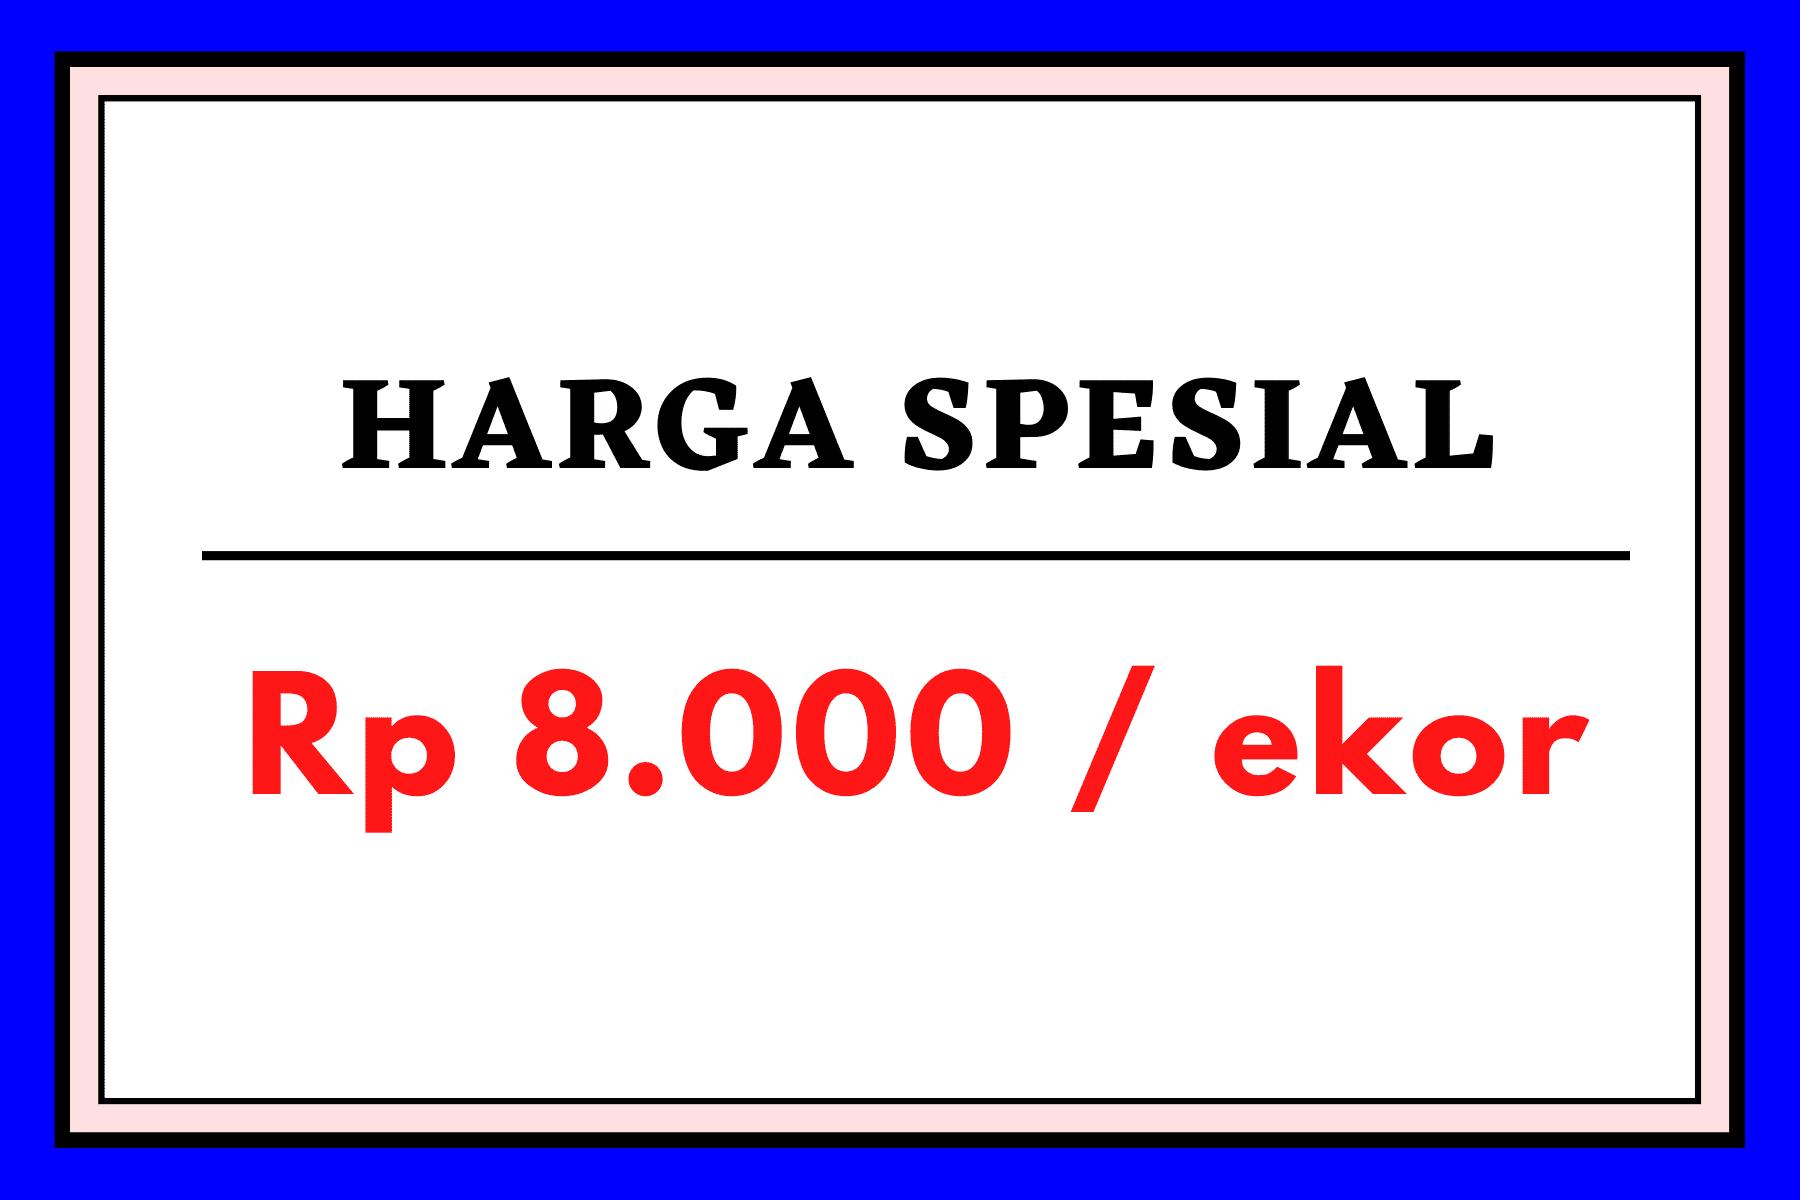 HARGA SPESIAL 1 HOBI TERNAK word1